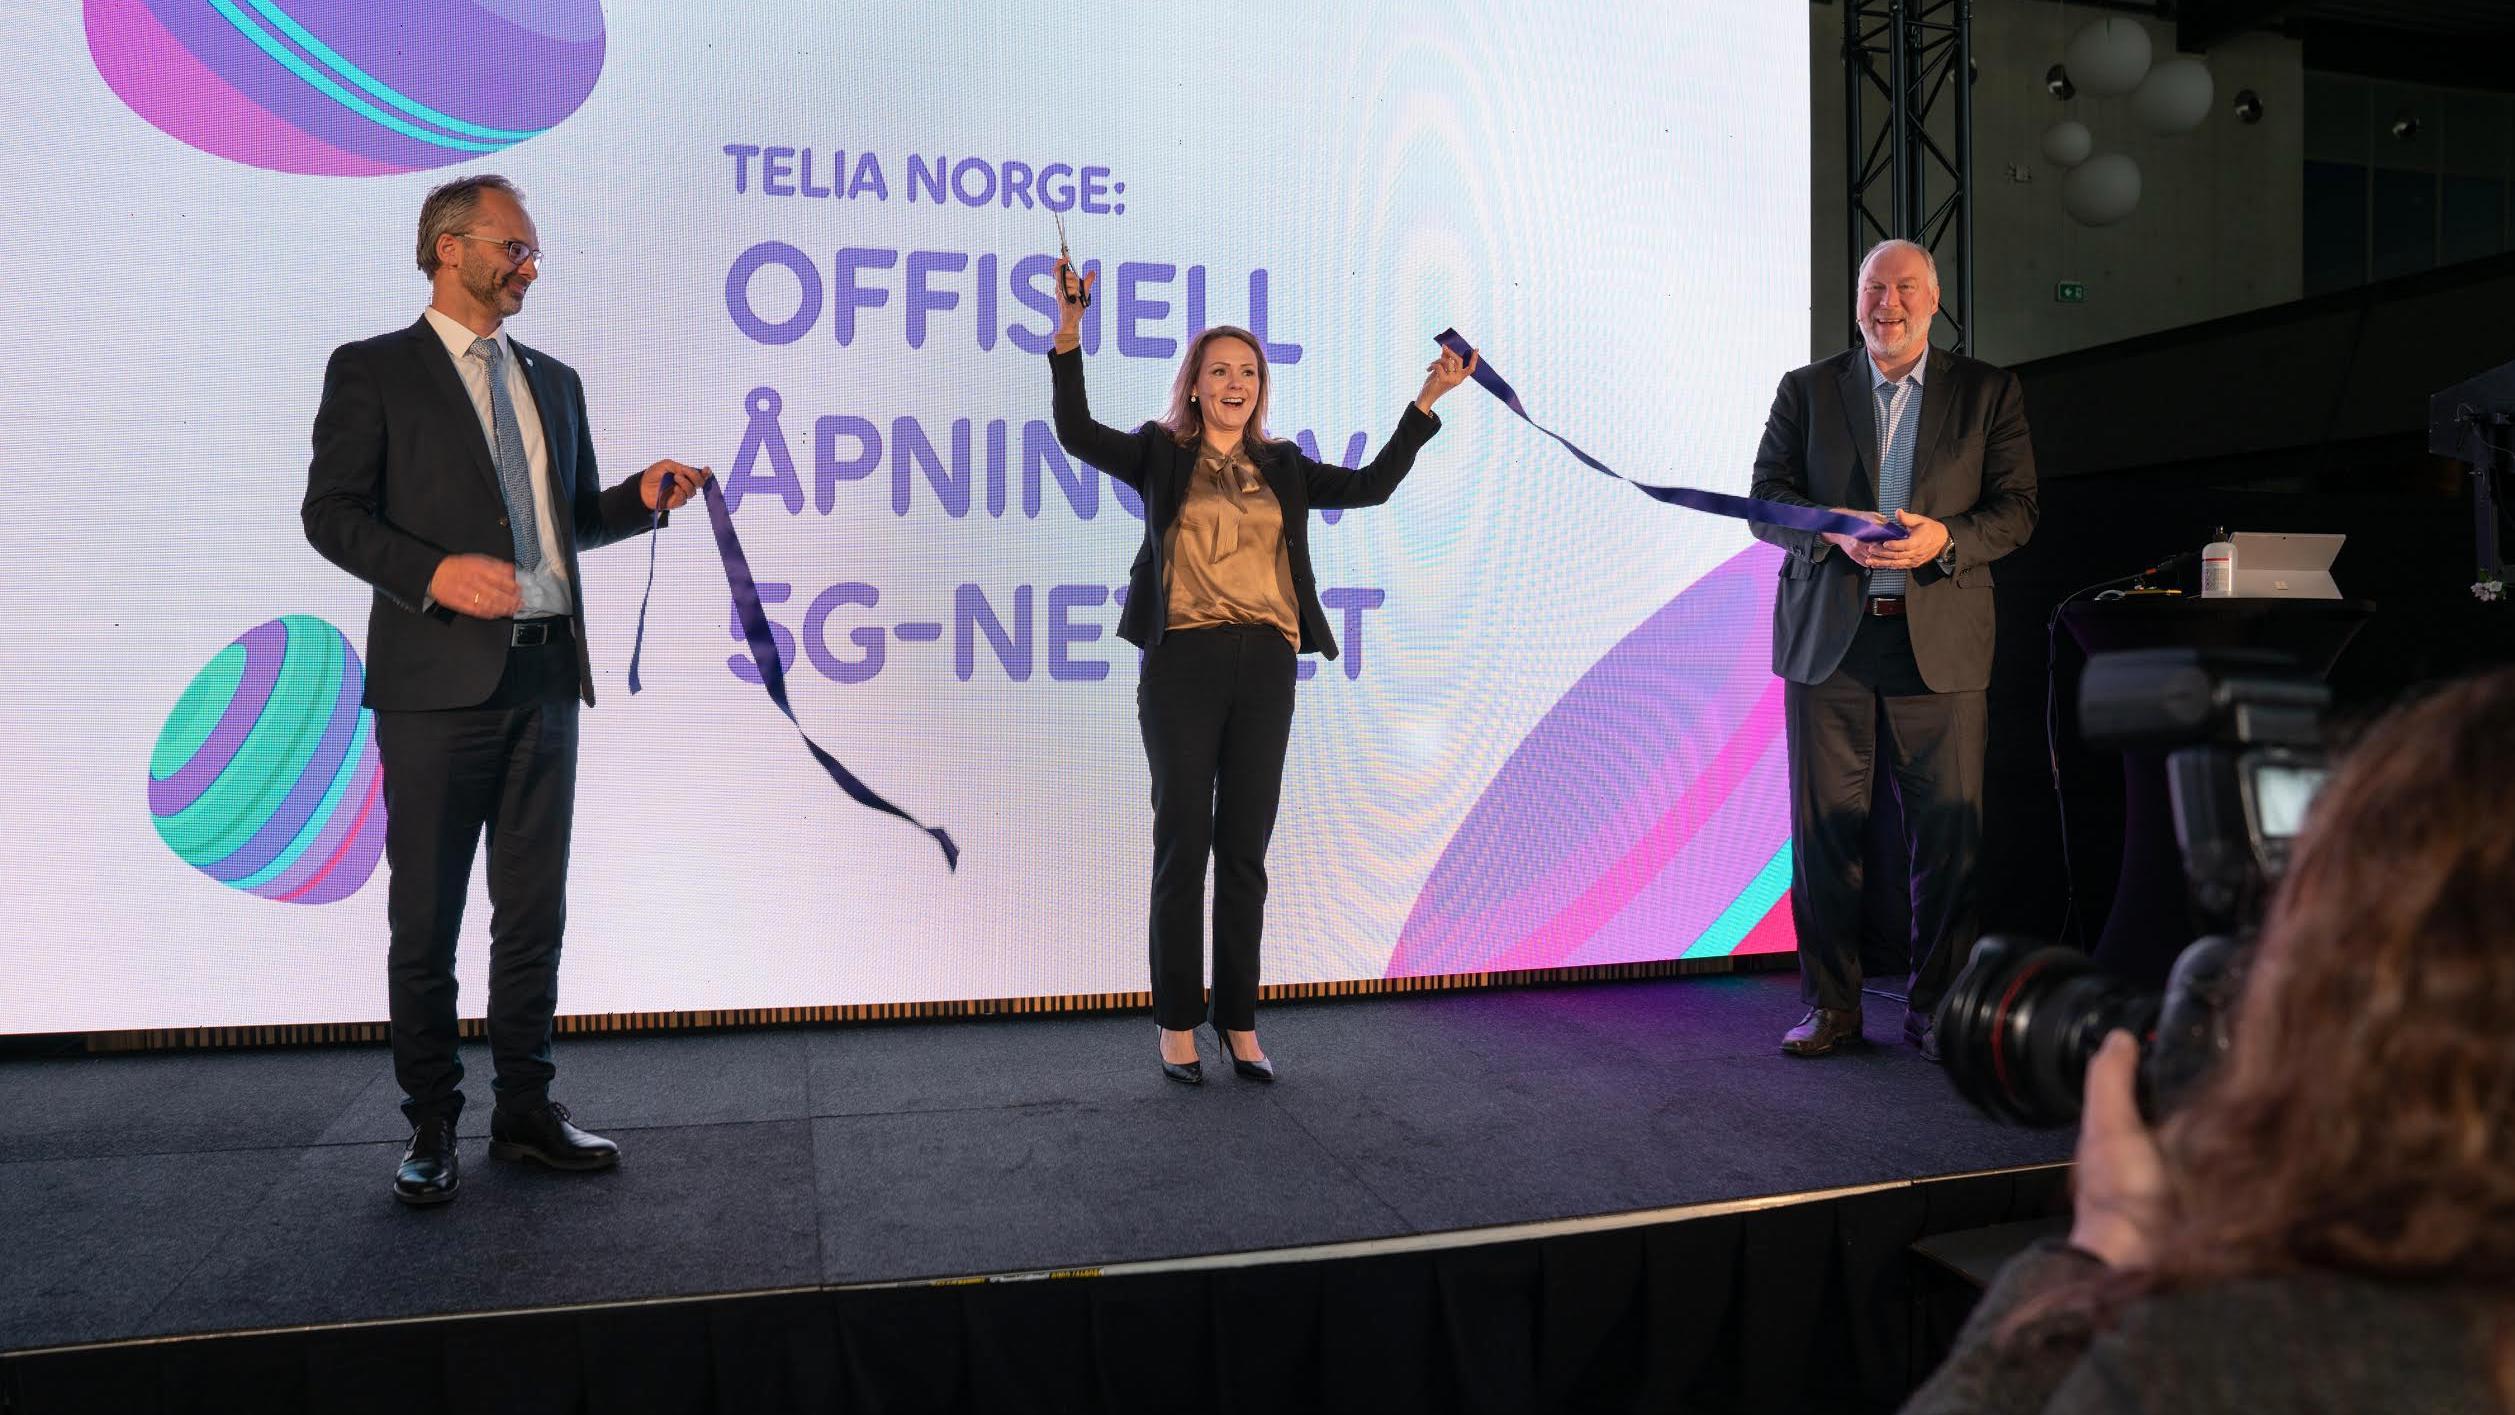 Telia åpner 5G-nettet sitt